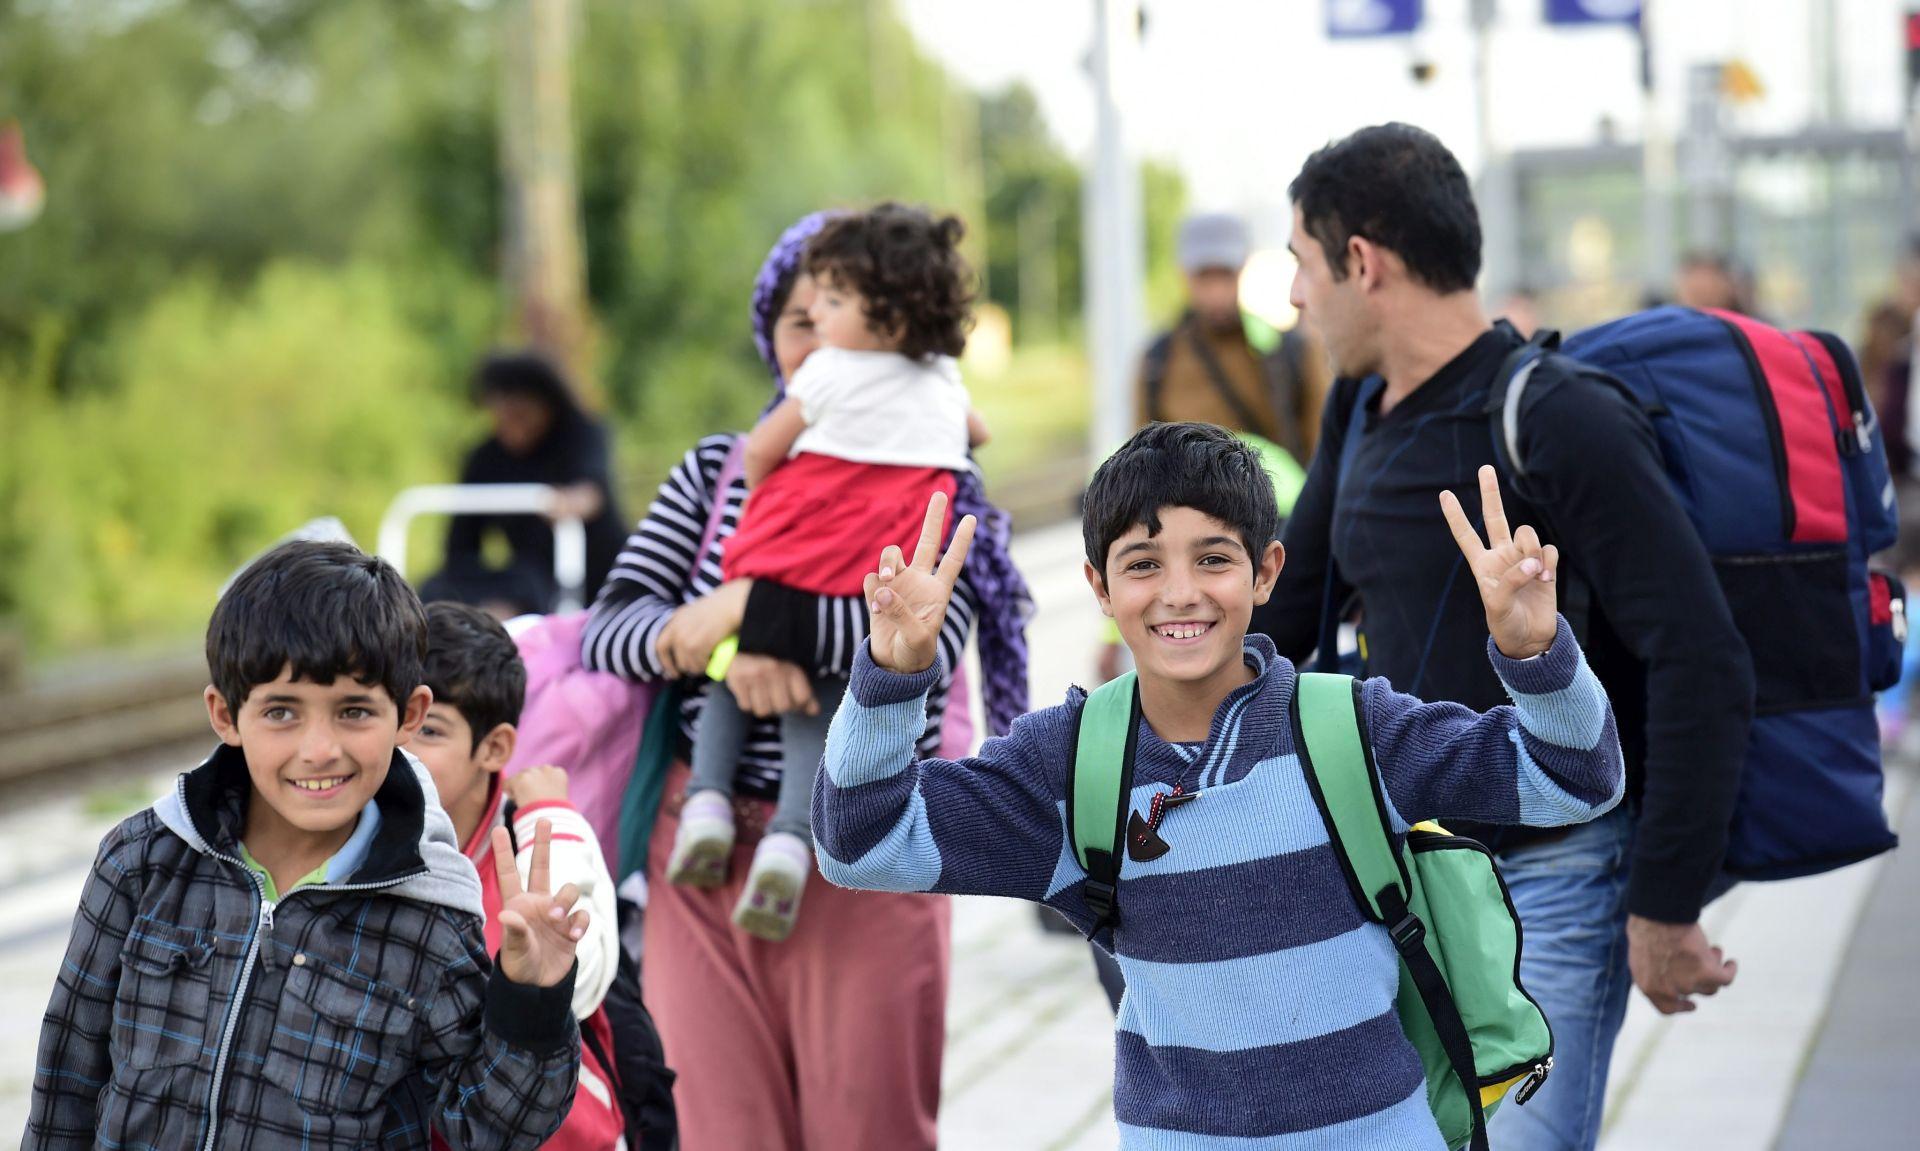 Prijedlog Komisije o raspodjeli izbjeglica po zemljama članicama: Hrvatska prima 1614 ljudi